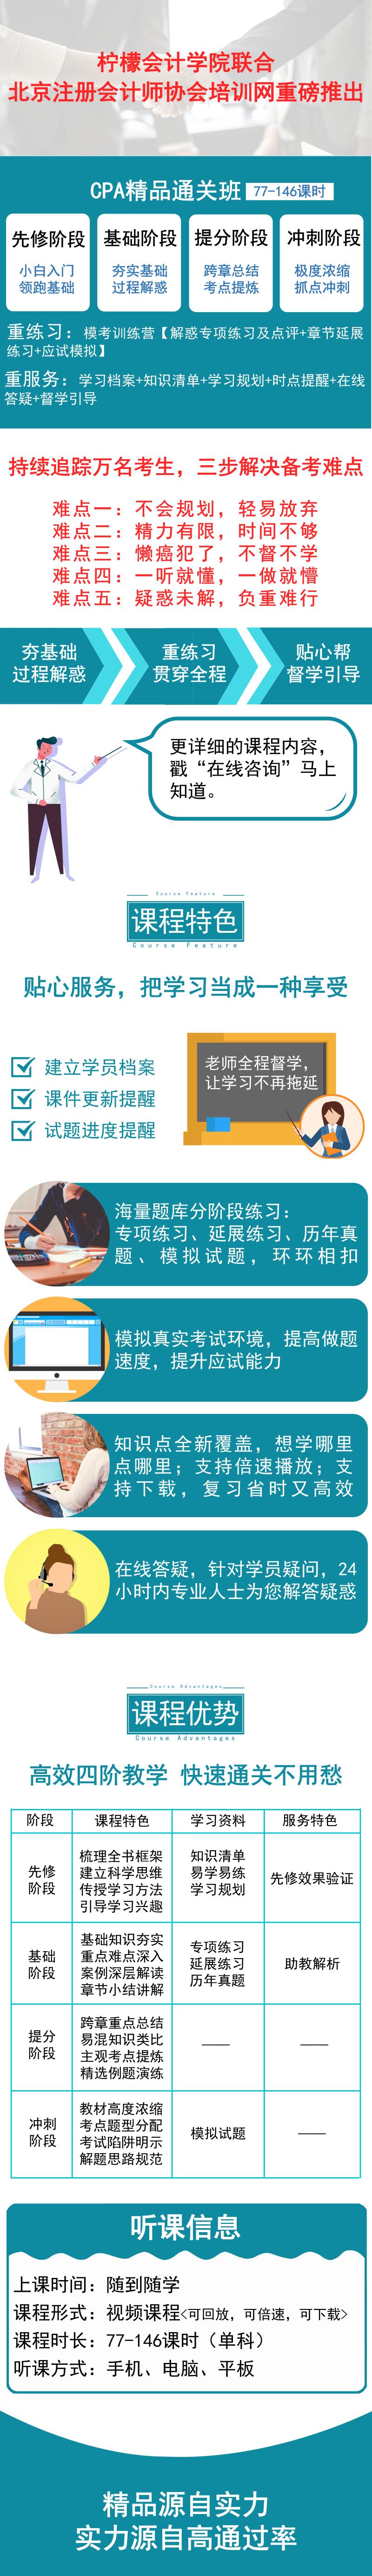 2021年注册会计师六科联报3个考期精品通关班辅导课程